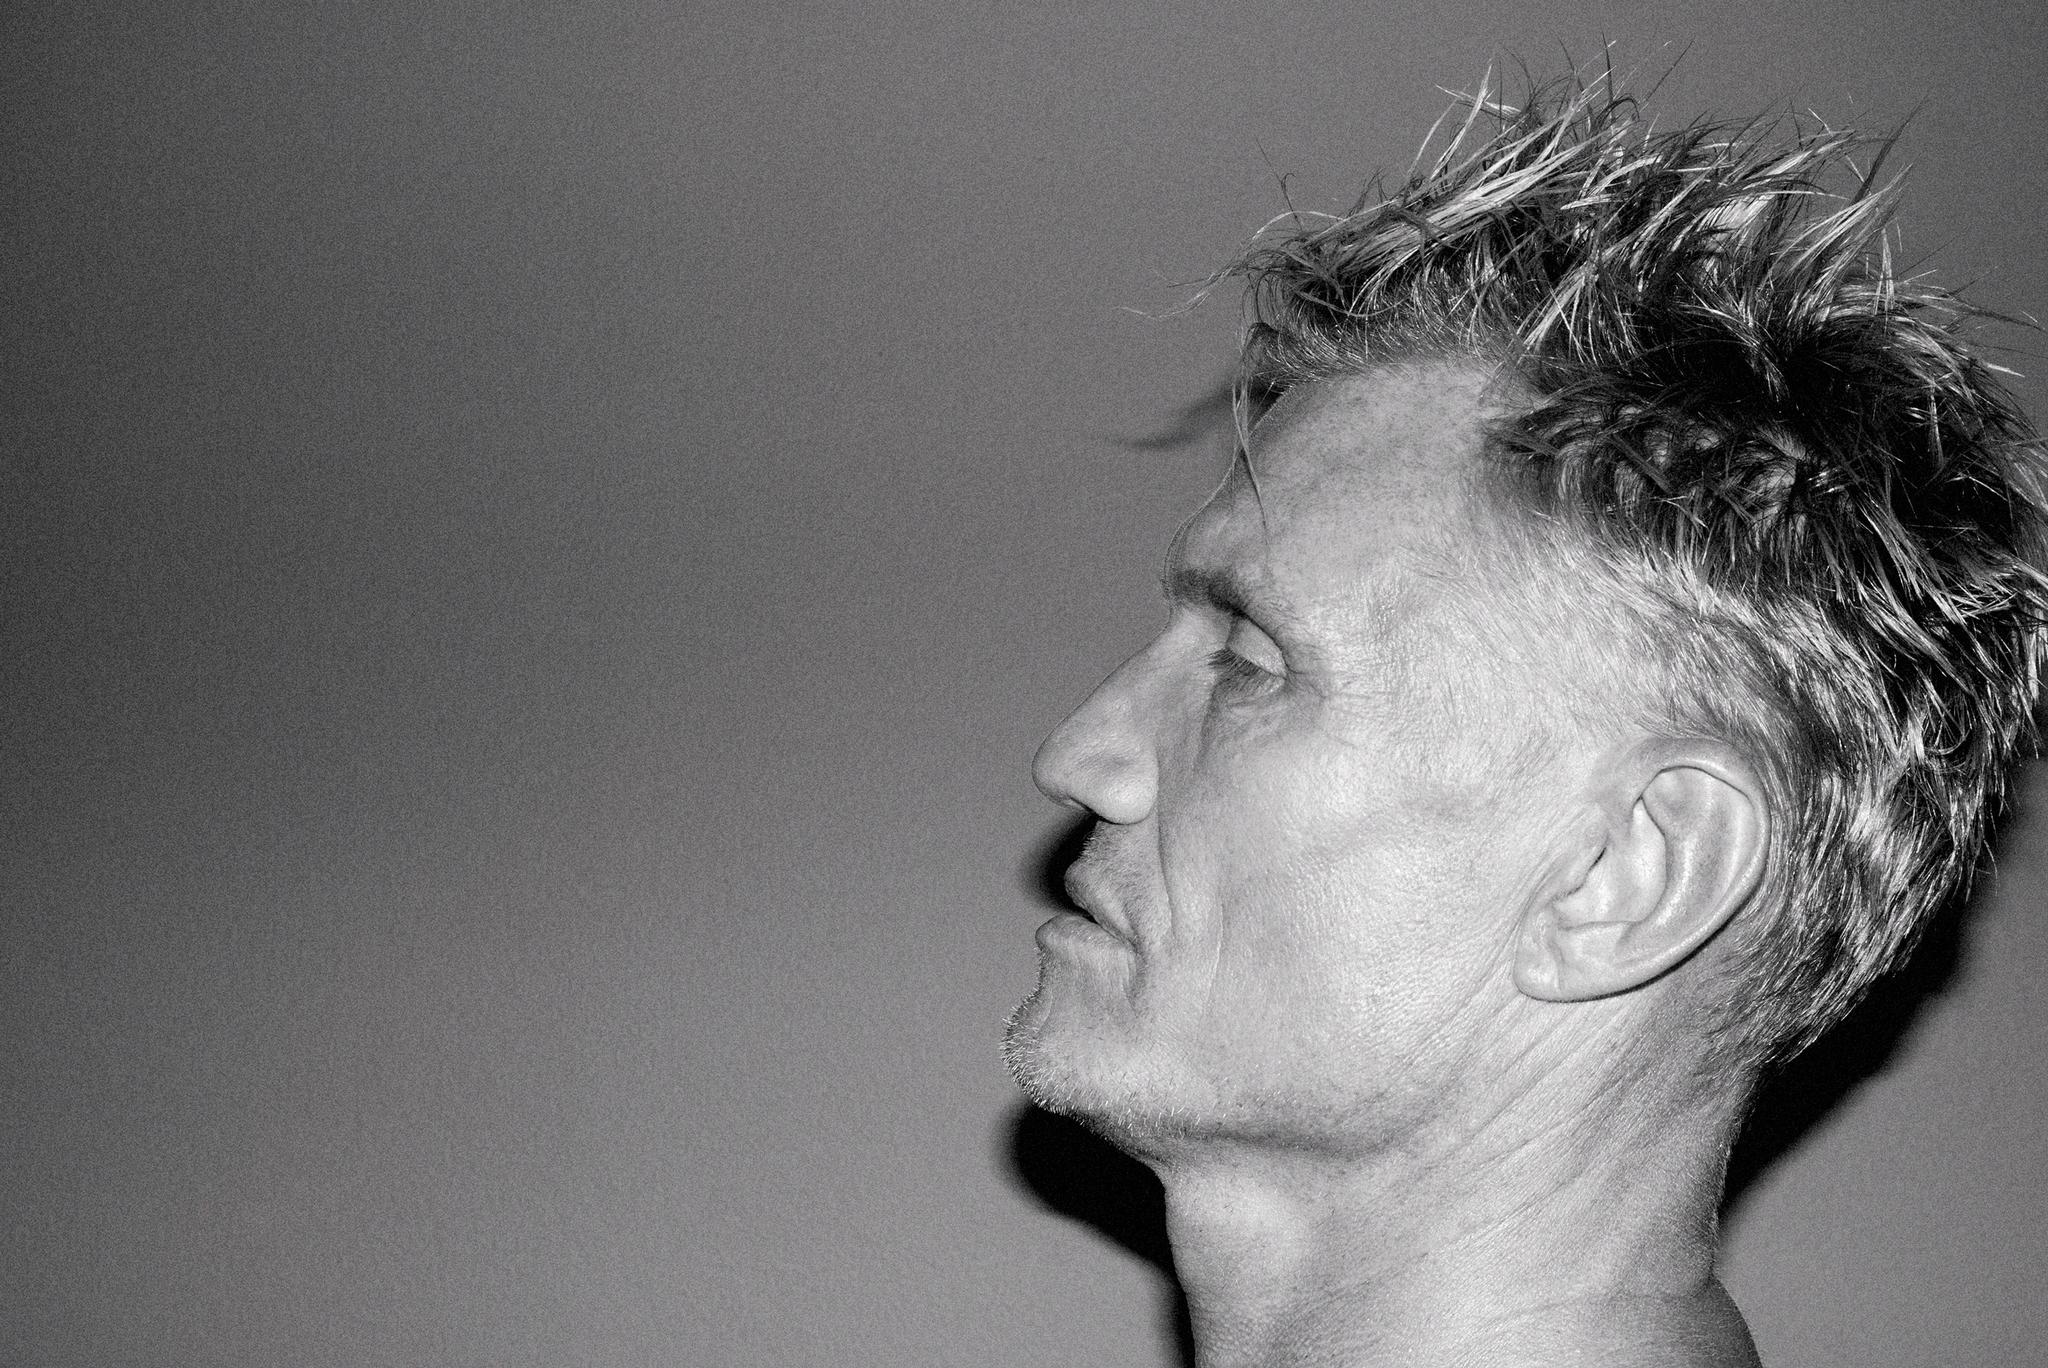 Fond d 39 cran visage dessin monochrome la photographie profil cheveux motion t te - Visage profil dessin ...